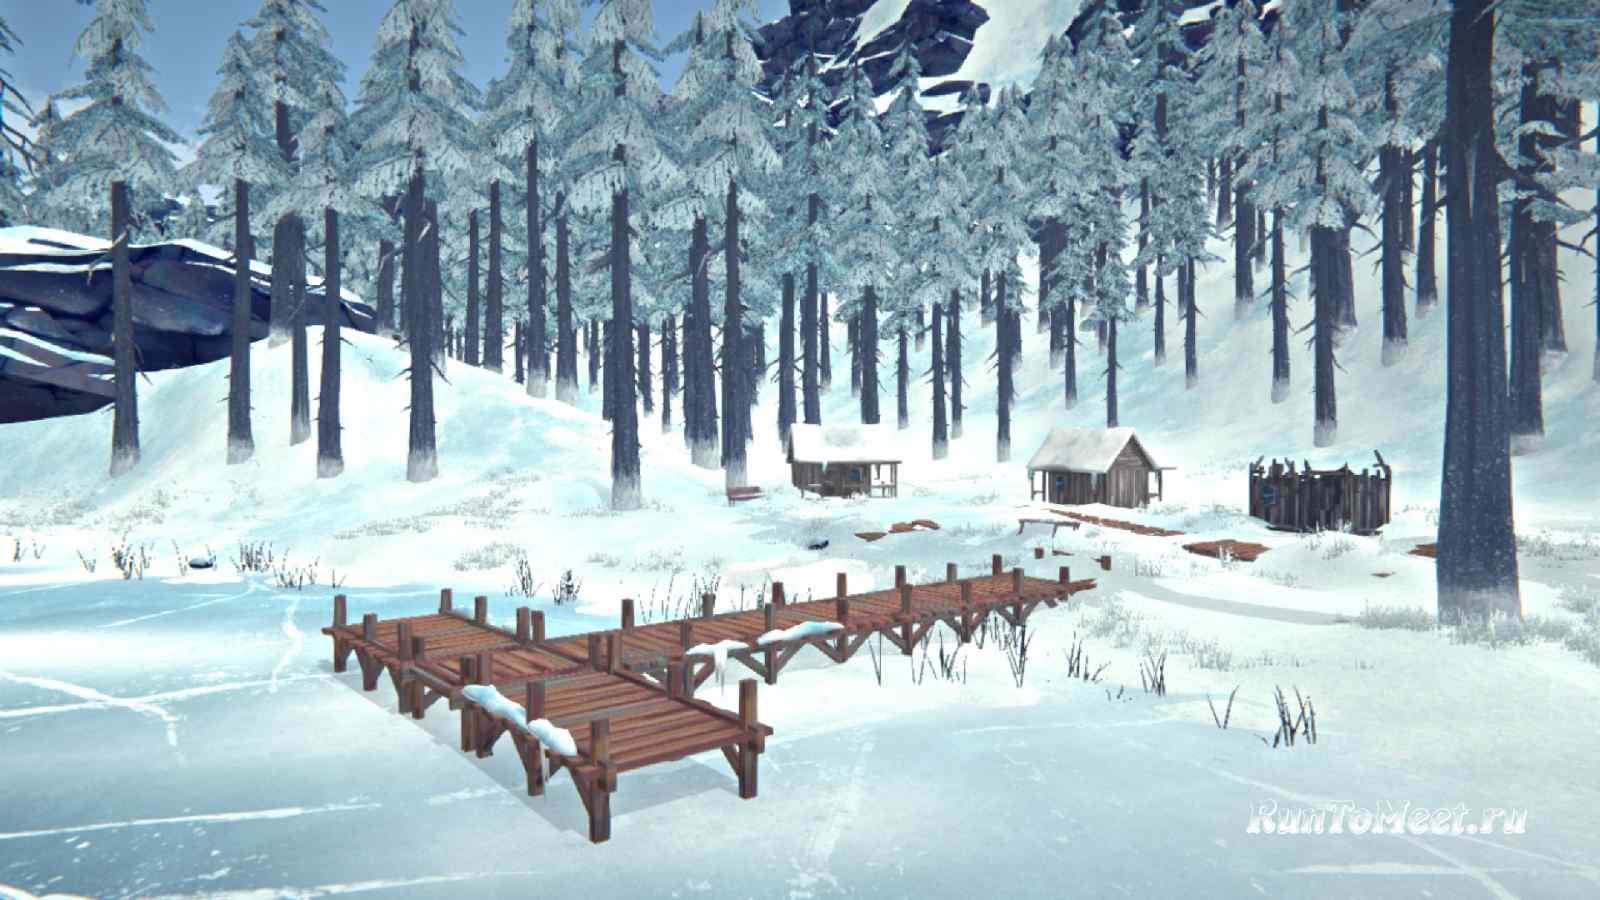 Ближние домики, на берегу Загадочного озера, в игре The long dark